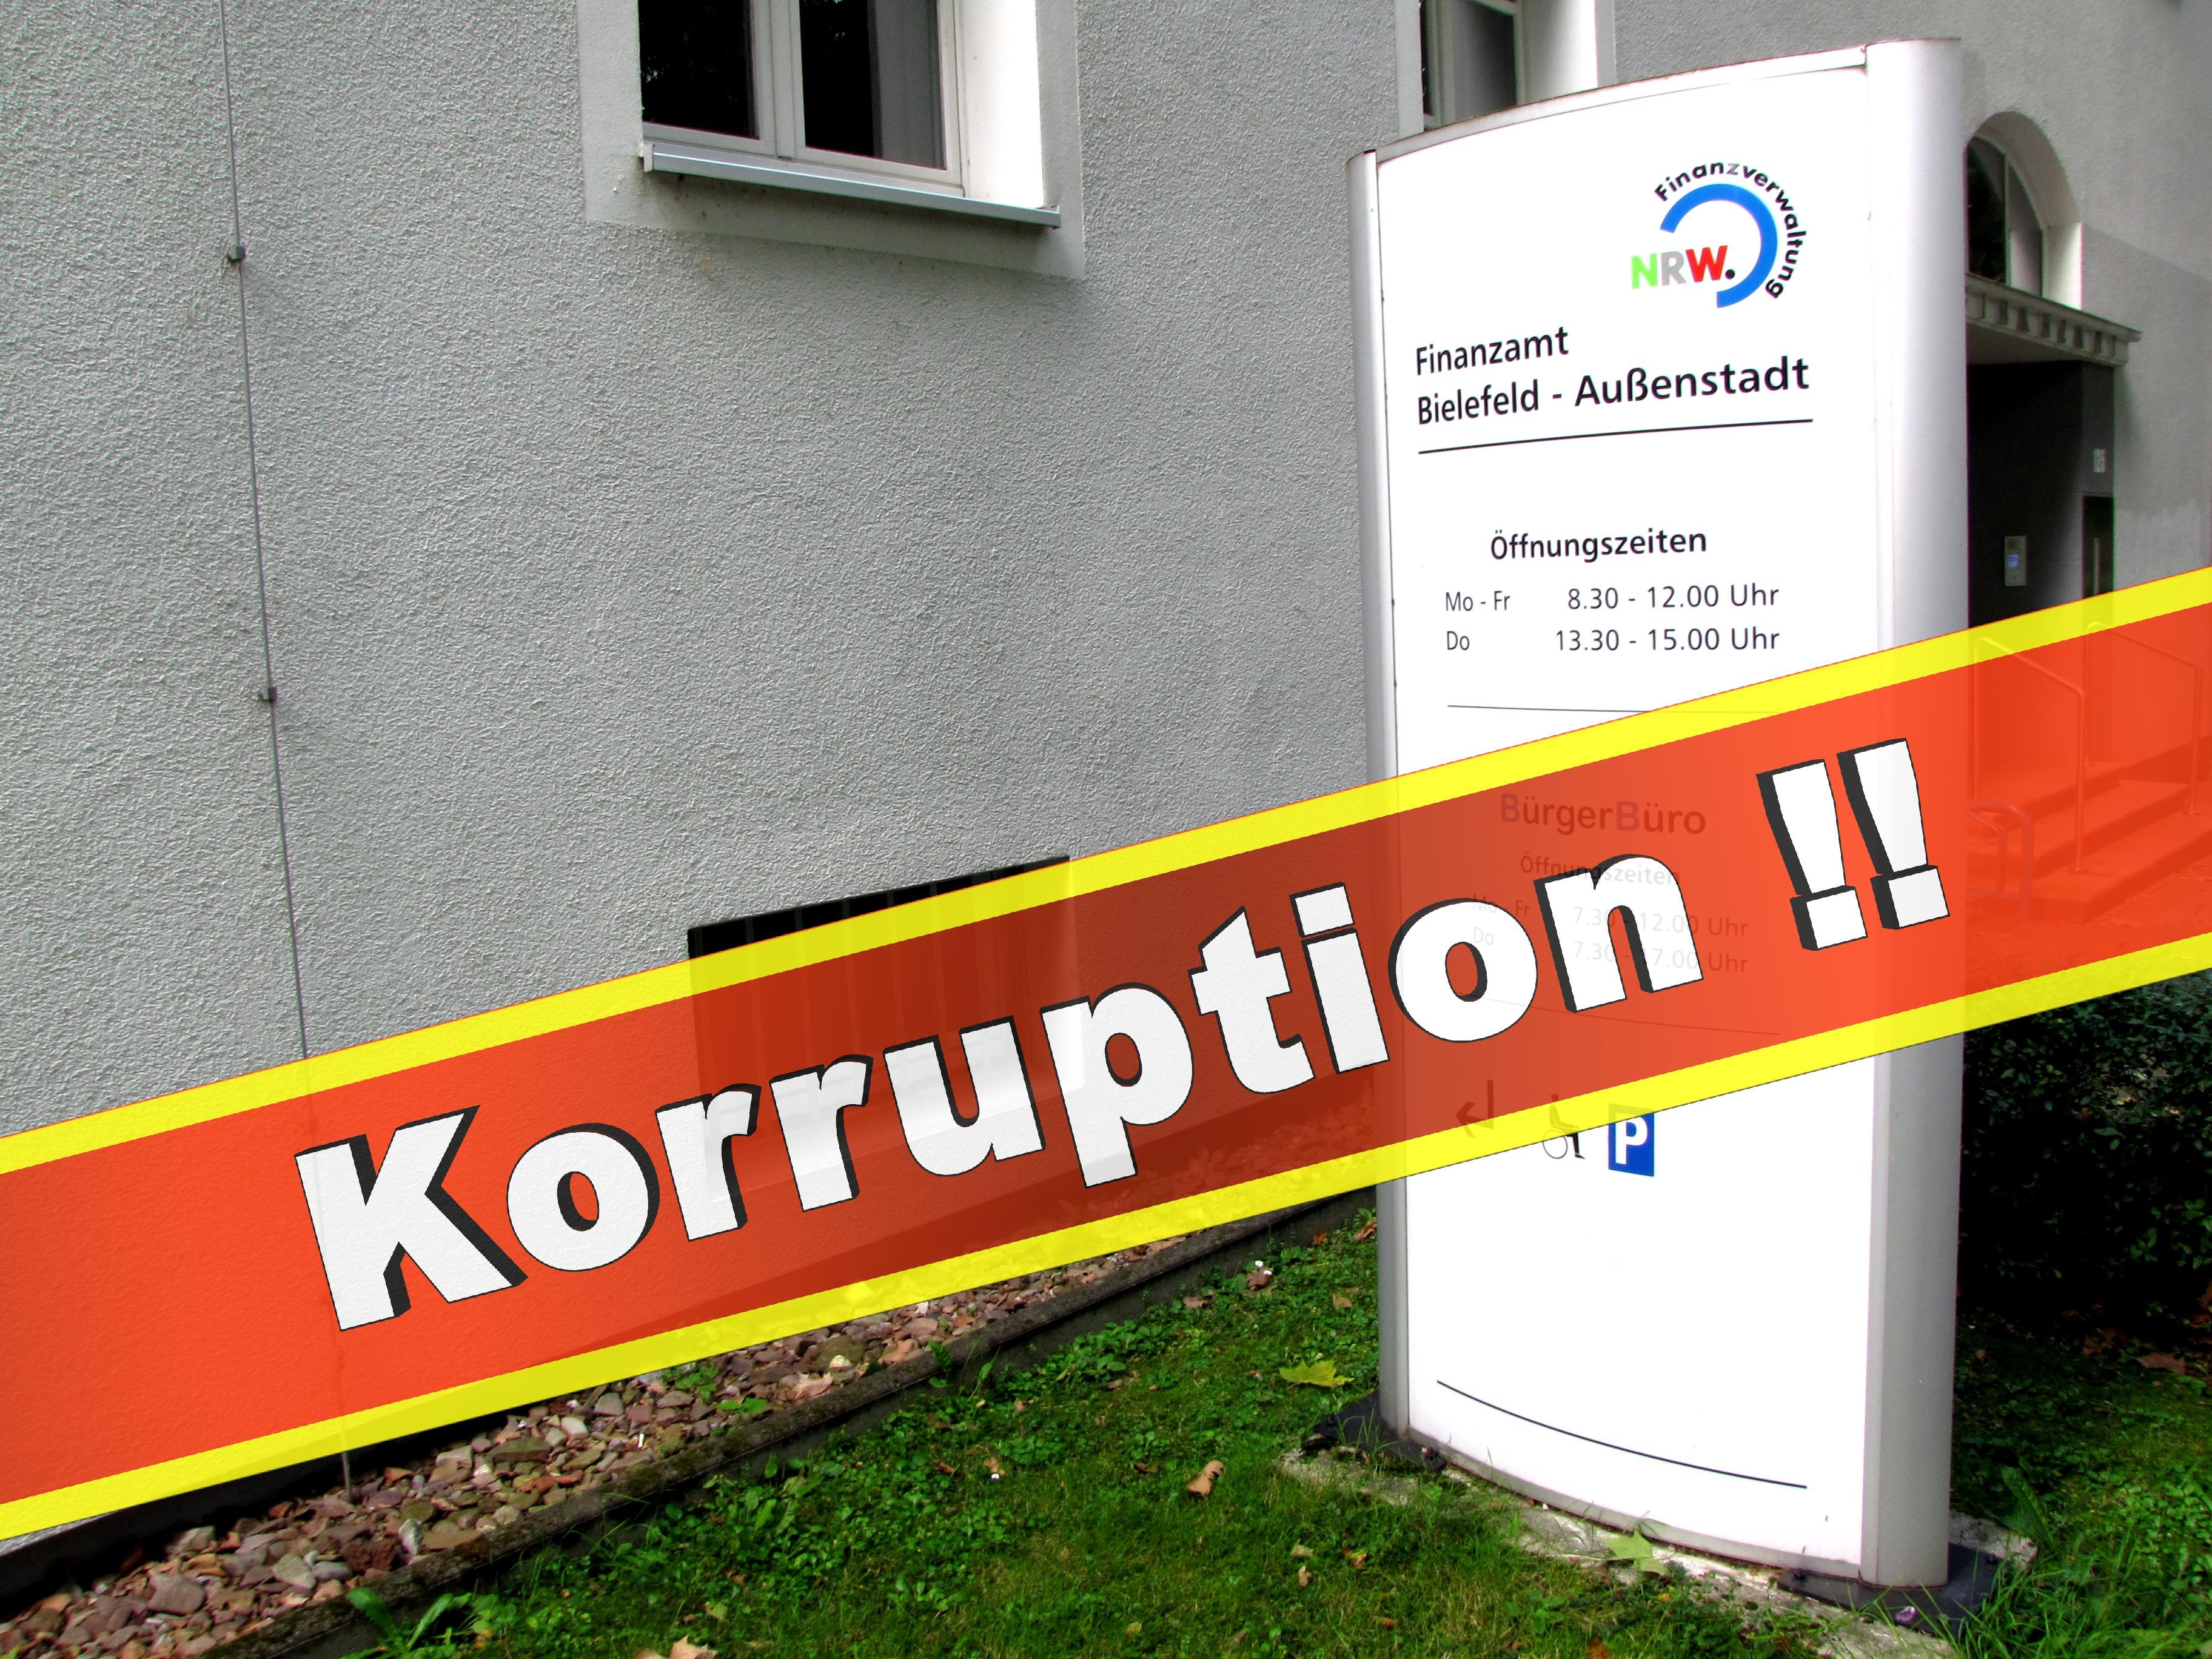 Finanzamt Bielefeld Innenstadt Finanzamt Bielefeld Außenstadt (10)